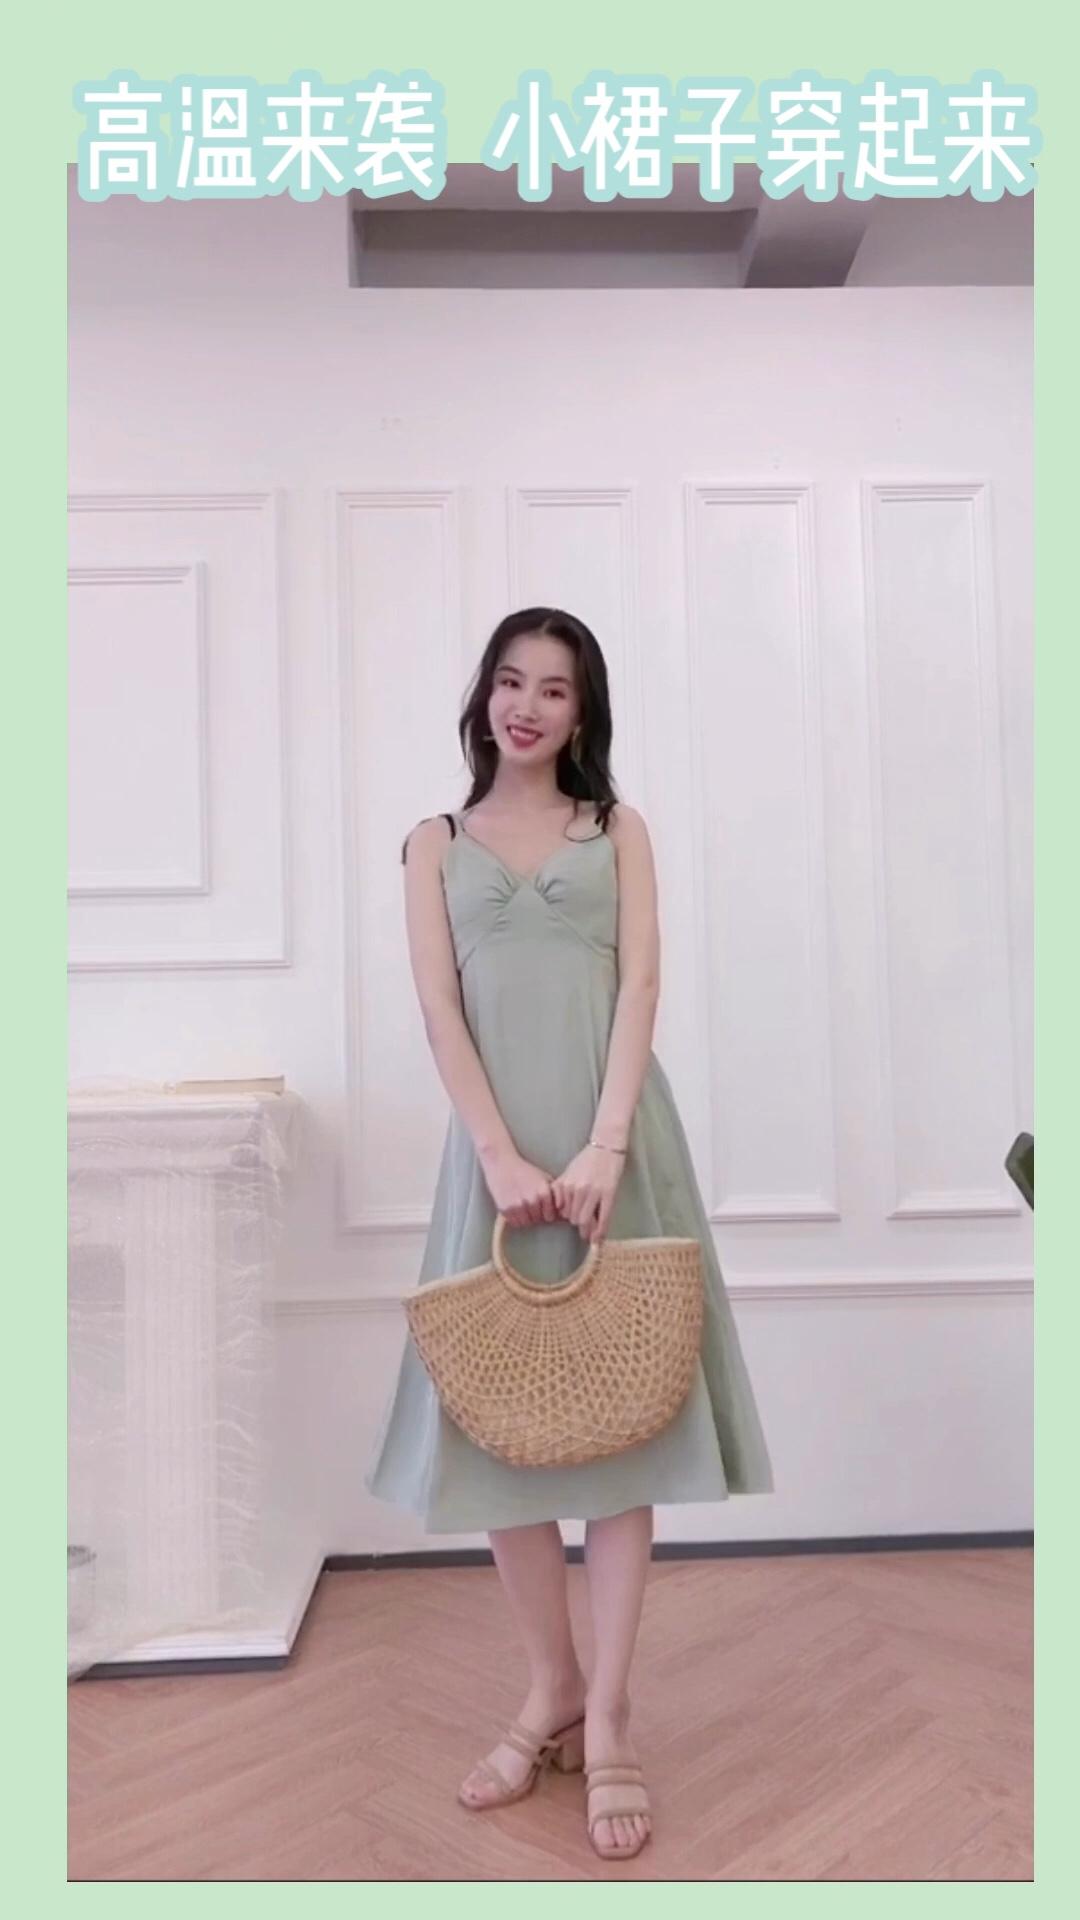 【清凉裙】  裙子:icy 鞋子:pinkpunkplank  超级爱这条裙子 吊带的小性感 加茶色的温柔 天呐 太爱了 #蘑菇街新品测评#